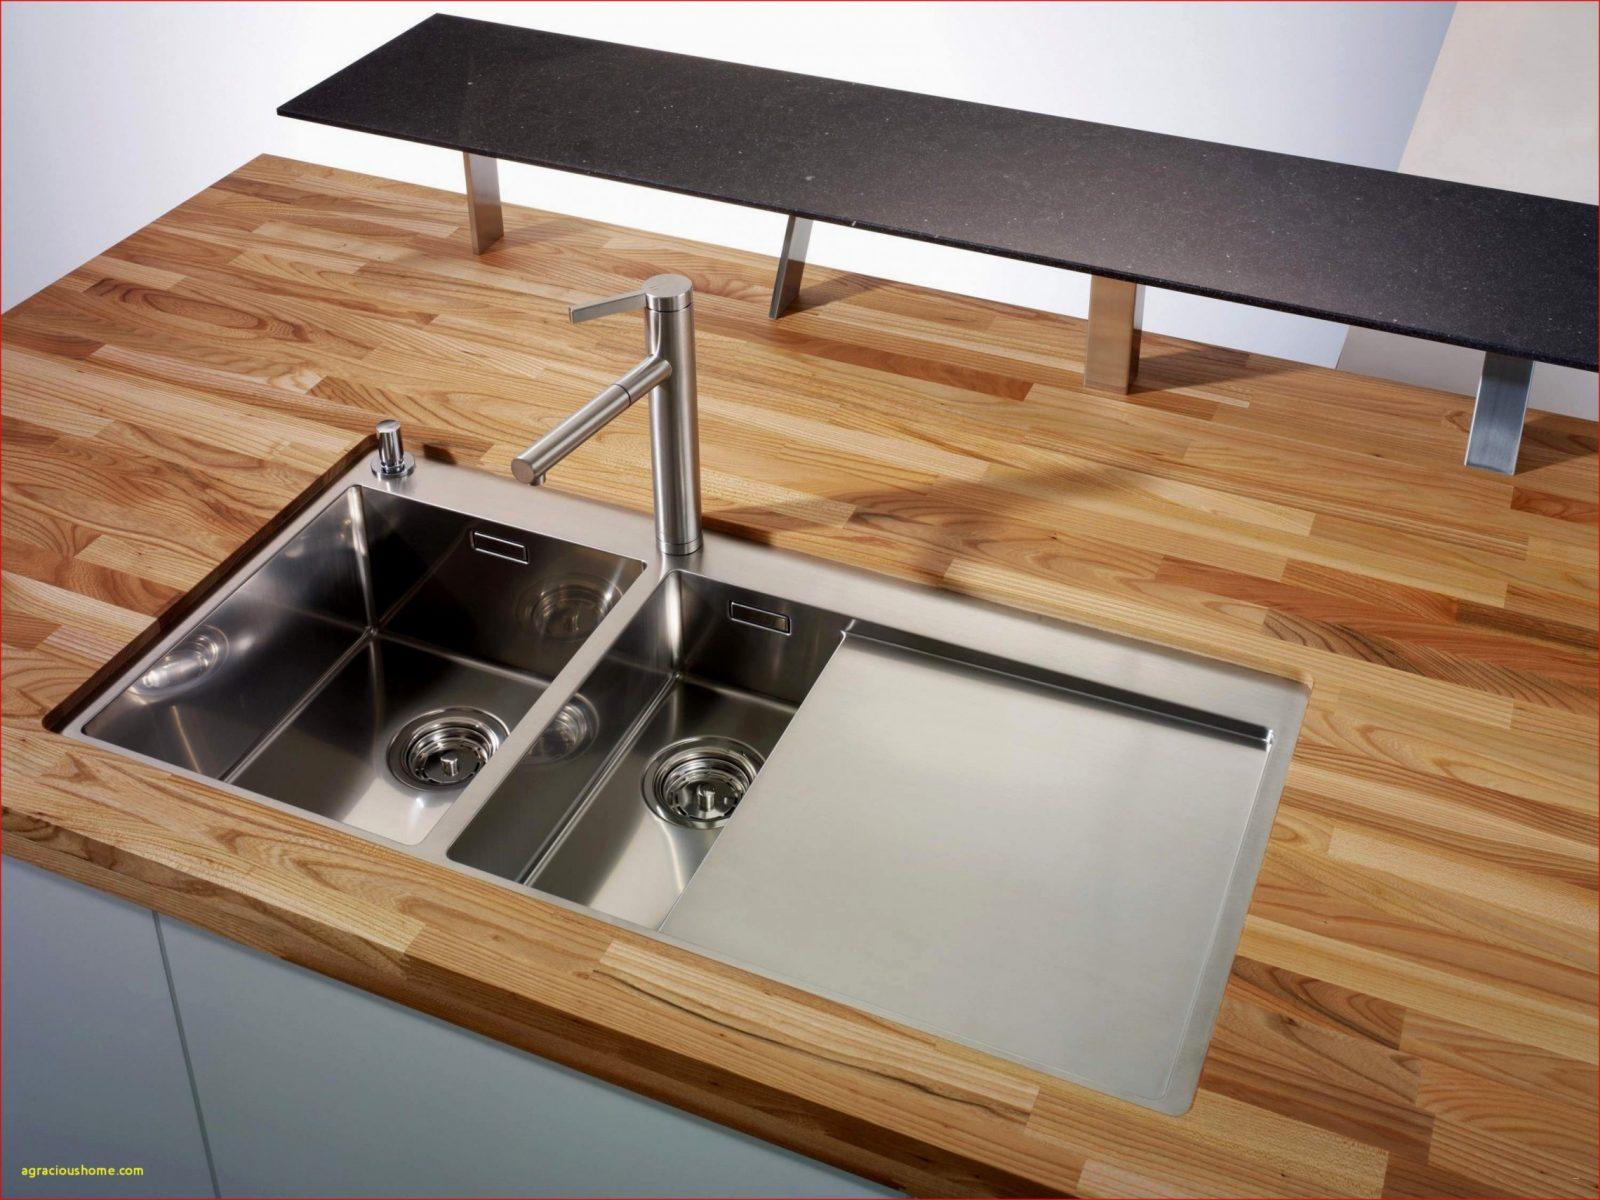 Arbeitsplatte Beton Selber Machen  Arbeitsplatte Beton Selber von Küchenarbeitsplatte Beton Selber Machen Photo